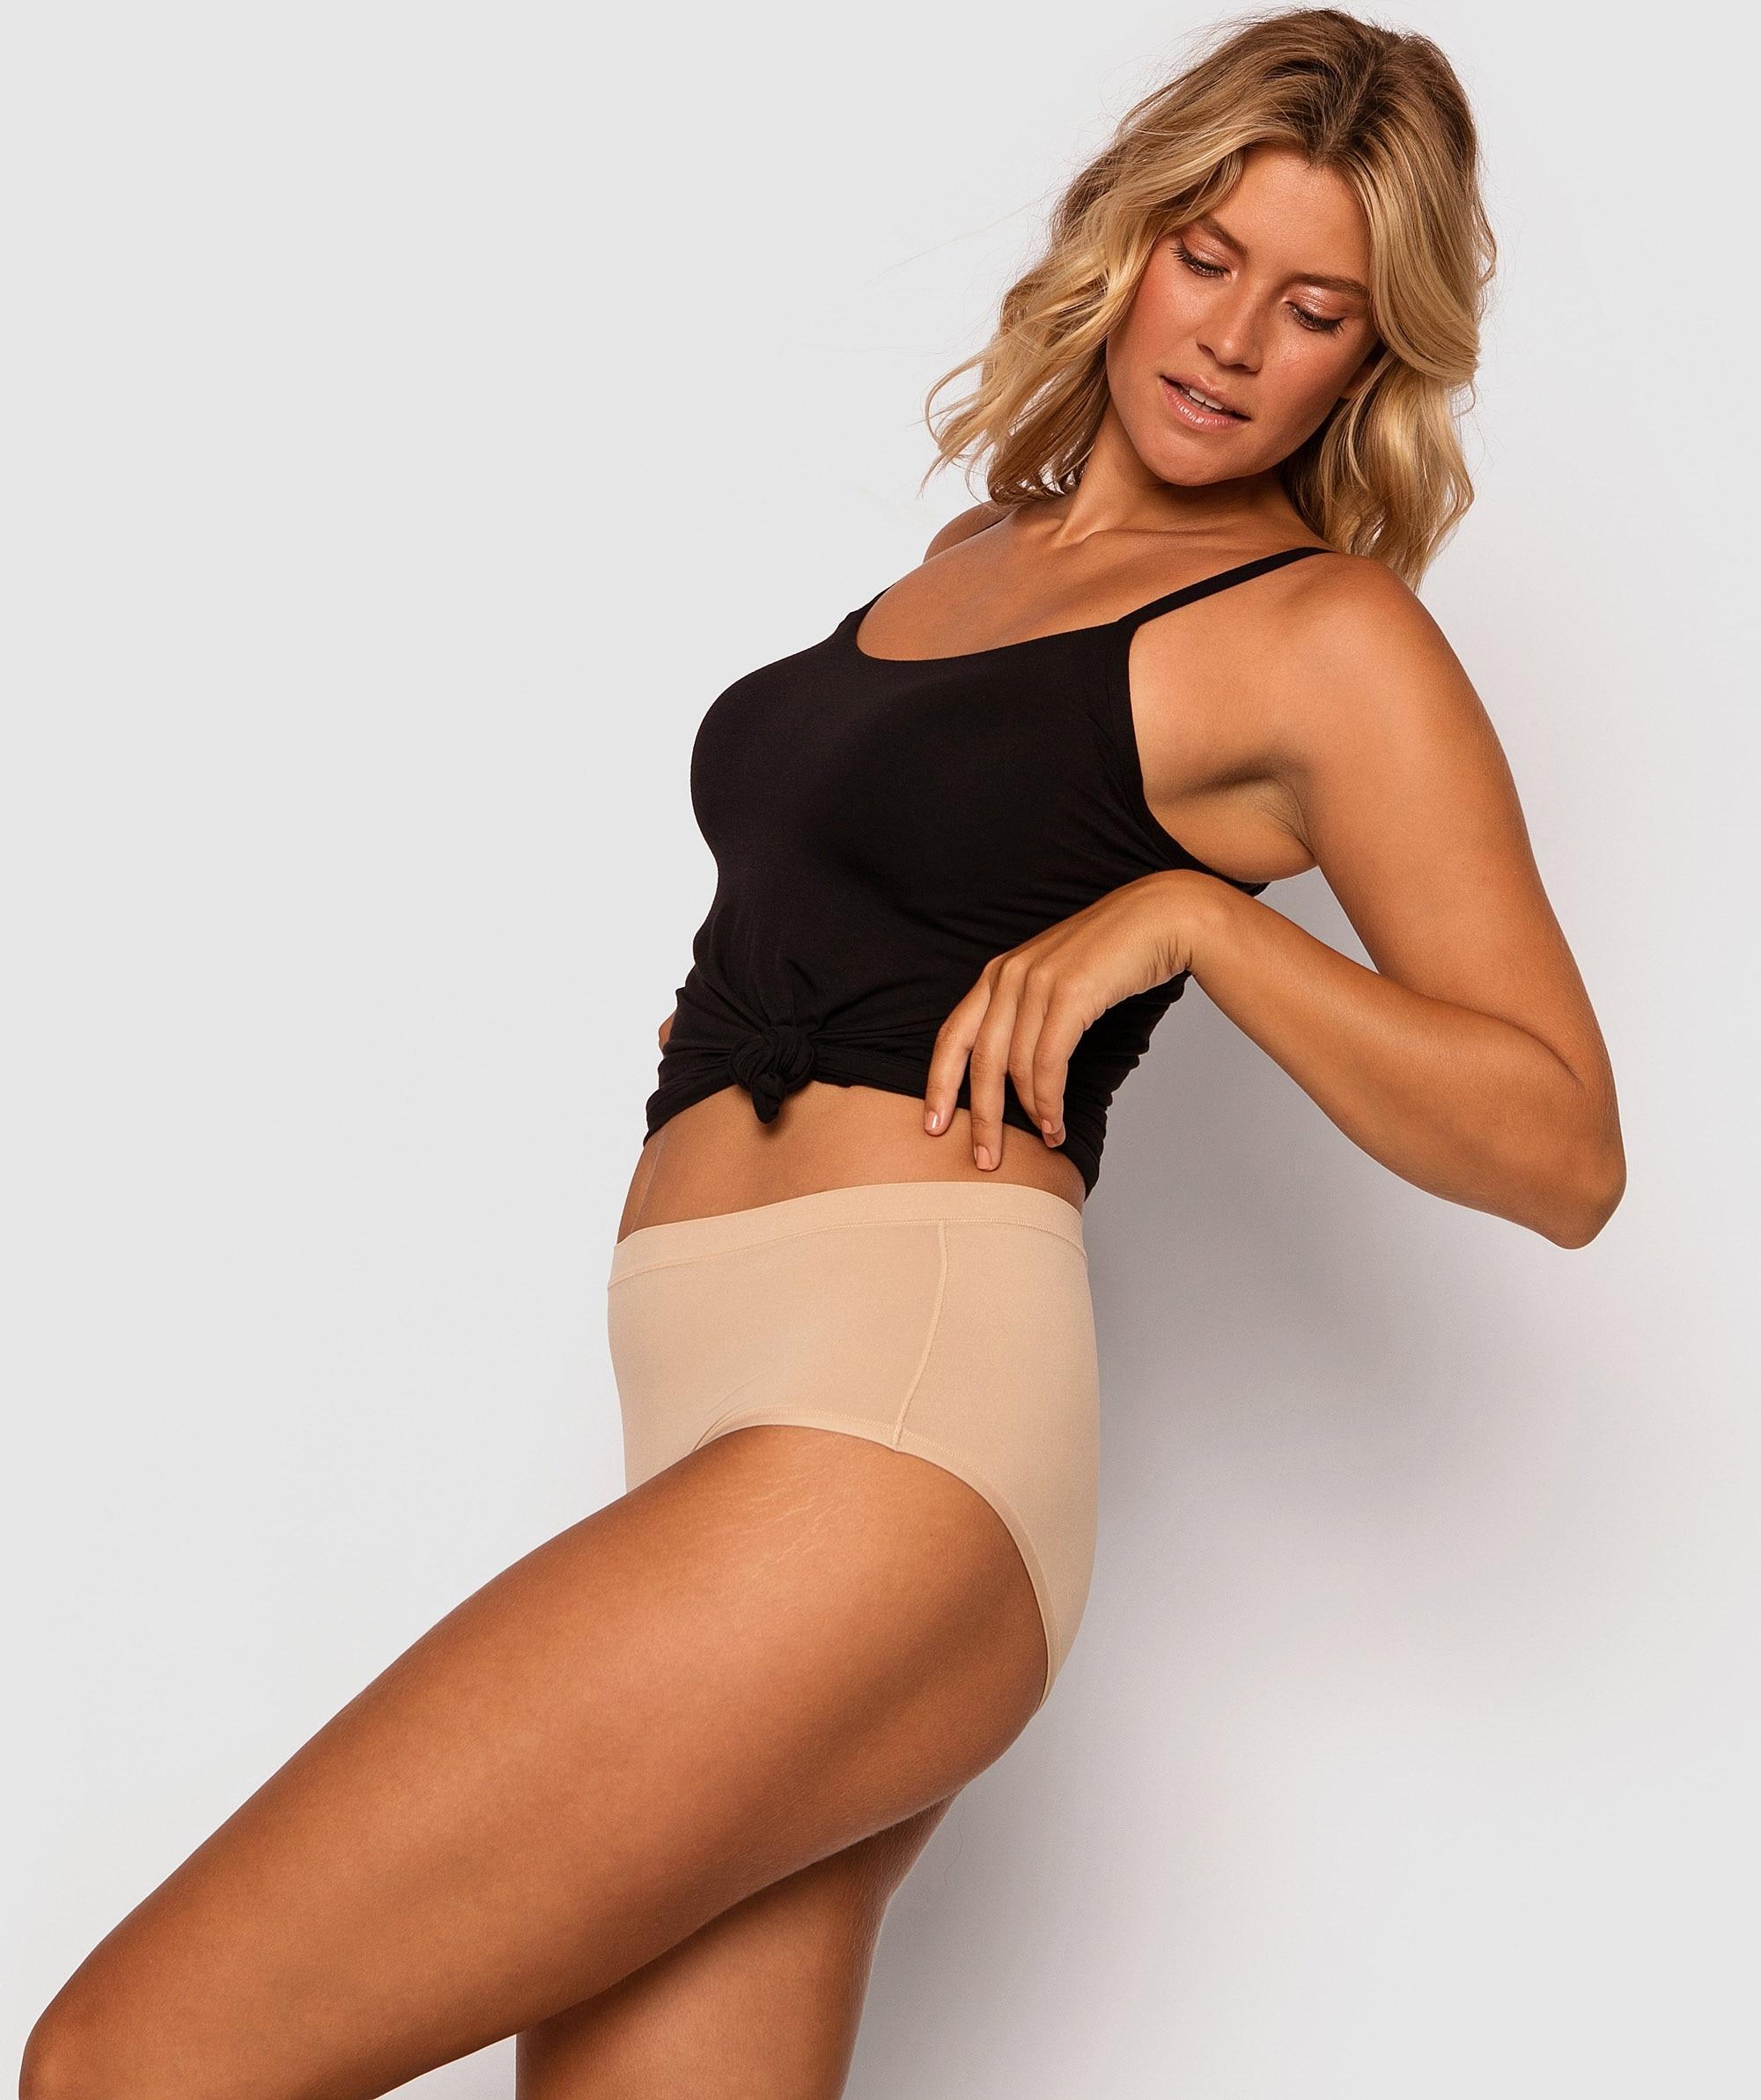 Body Bliss 2nd Gen Full Brief Knicker - Nude